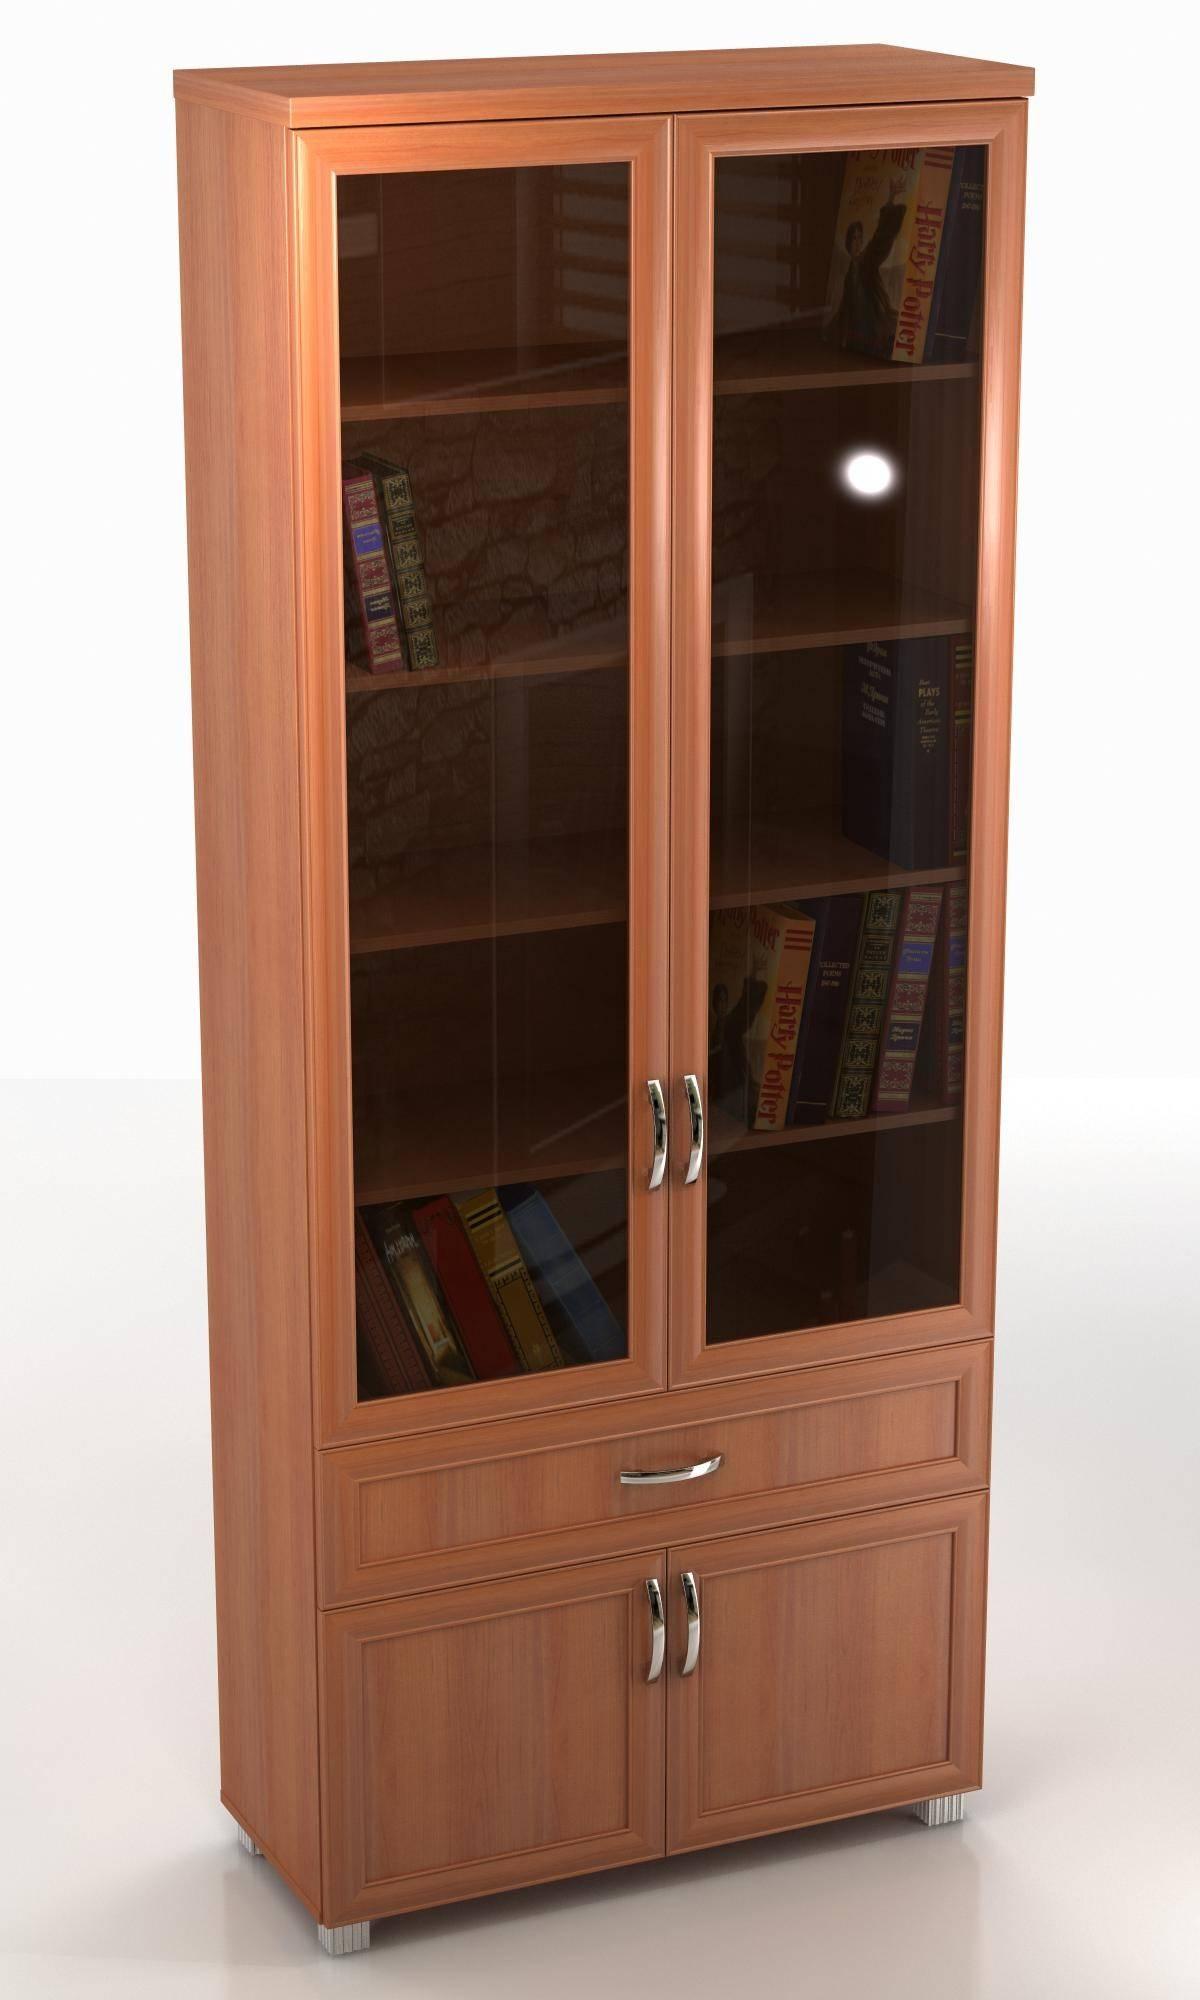 Шкаф со стеклом ша-с1. интернет-магазин мебельный дом.